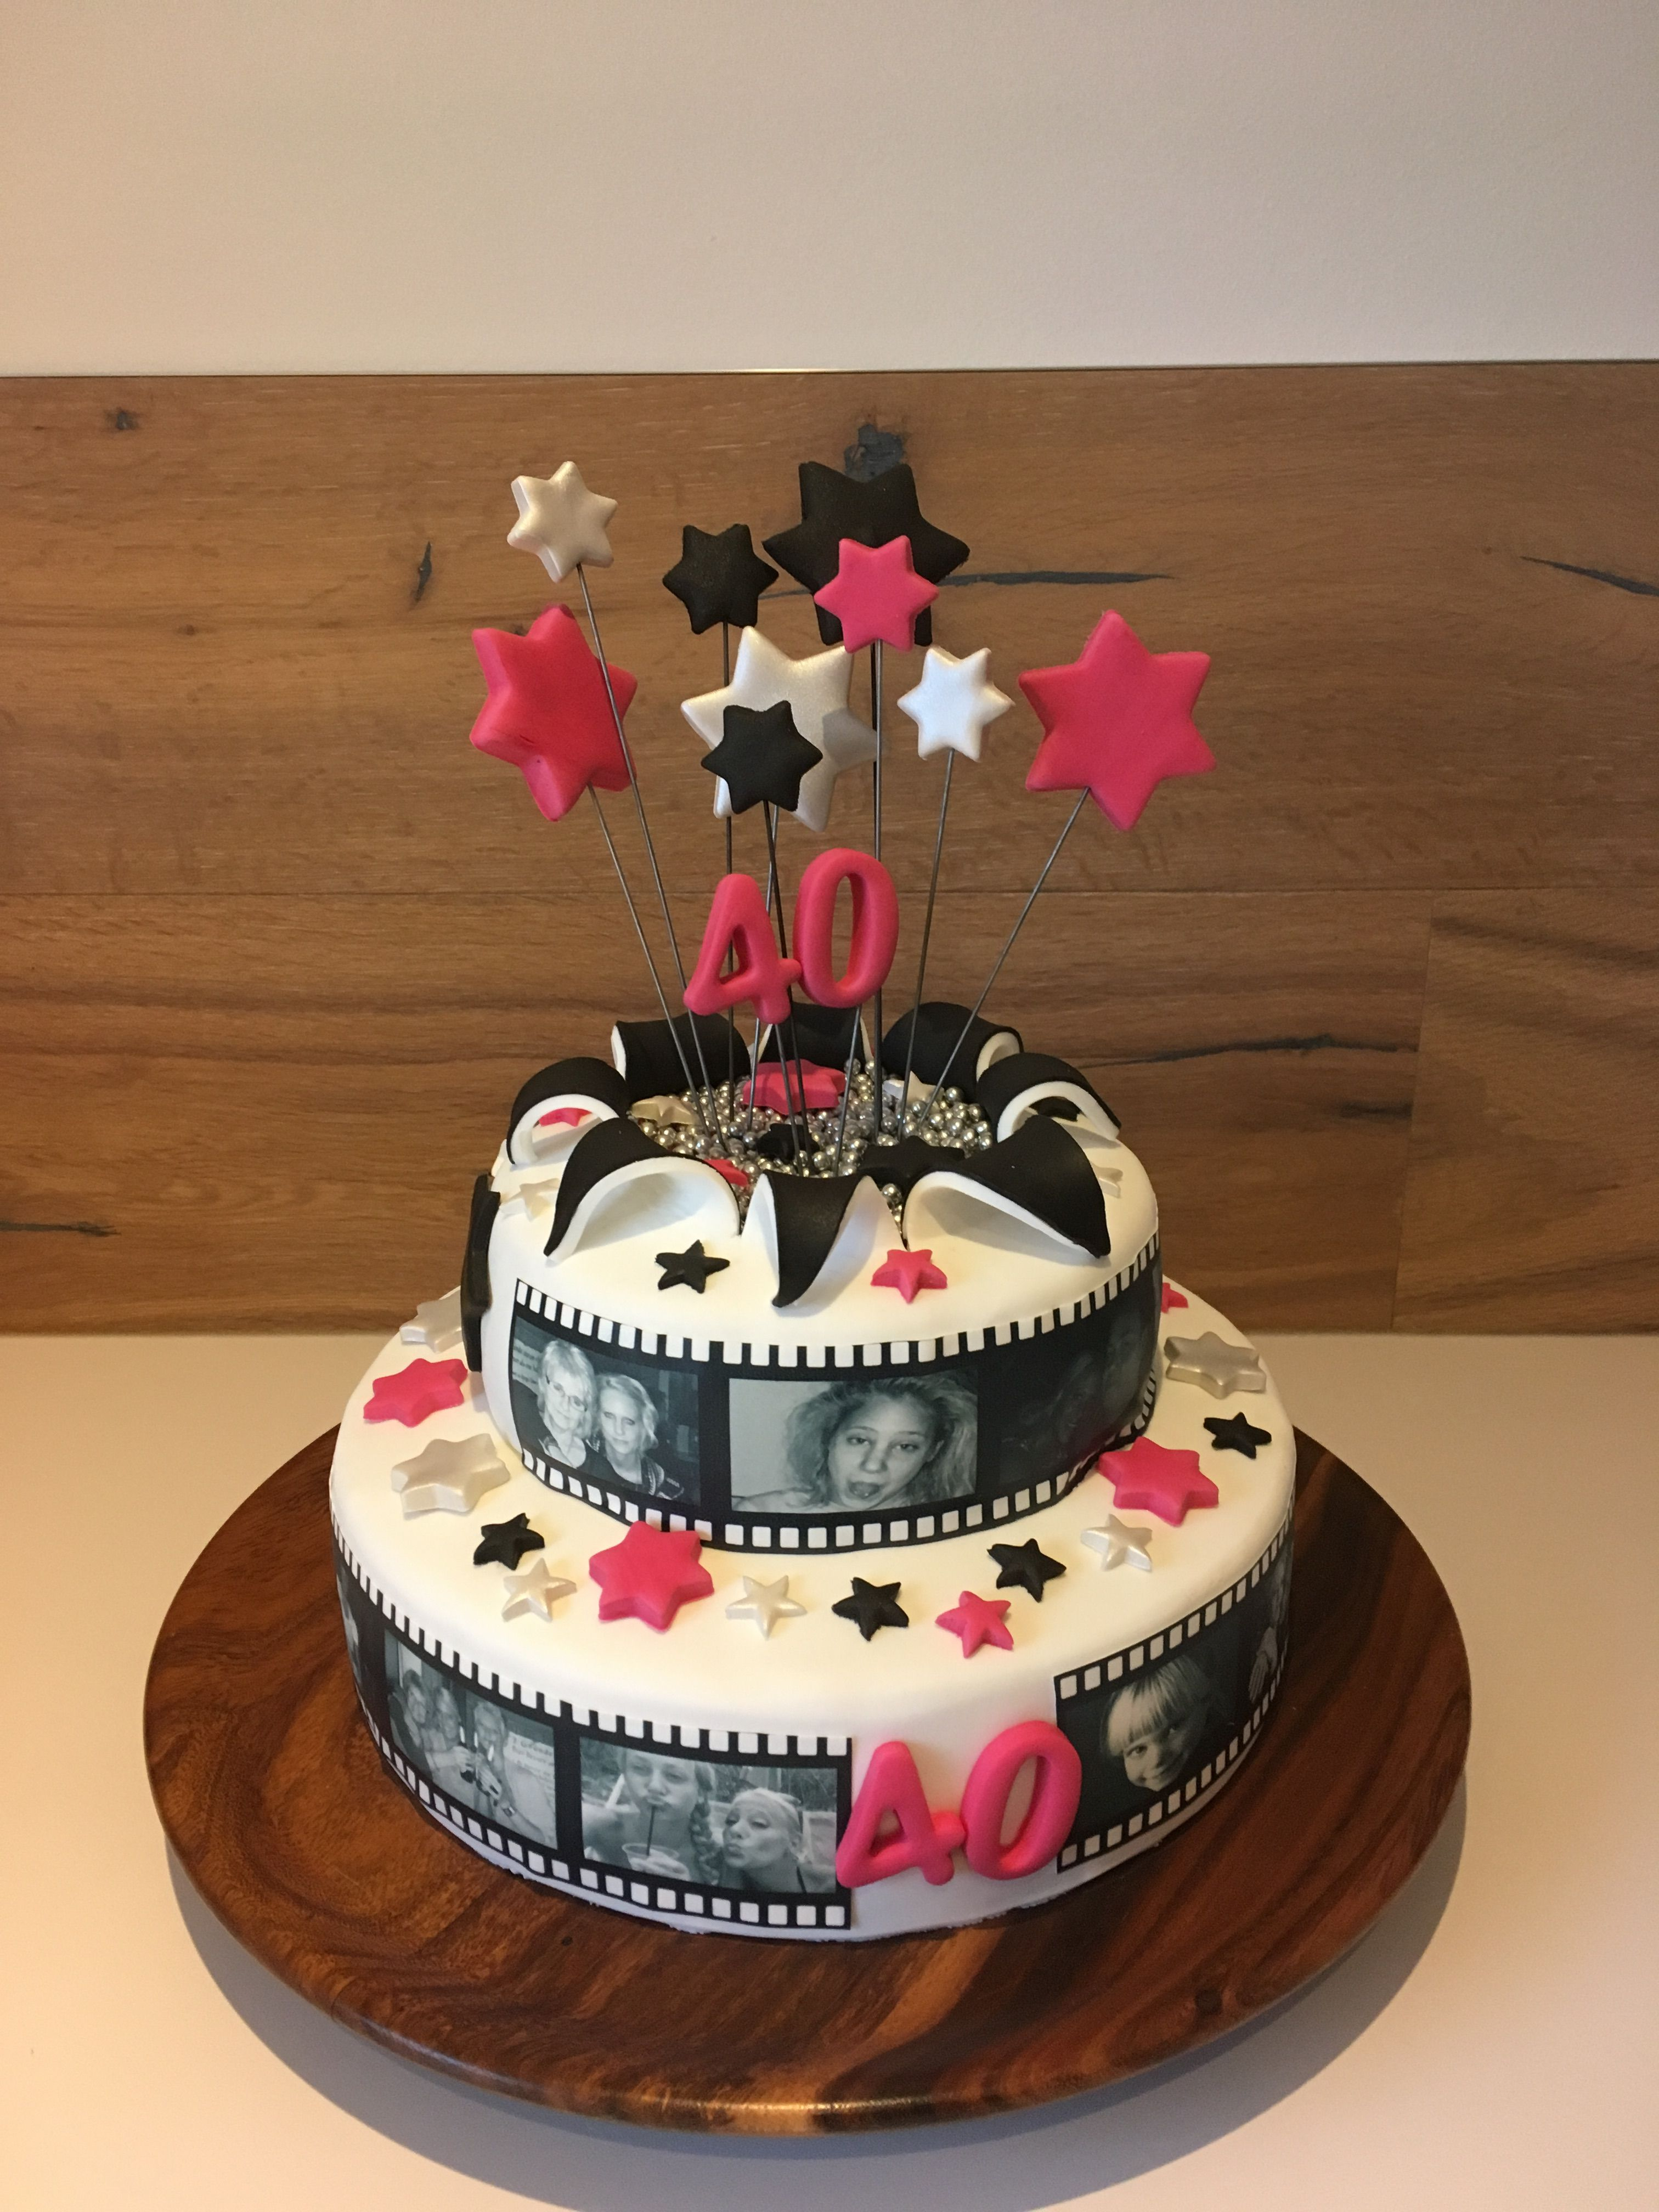 40 Geburtstag Torte Mit Fotoband Sternen Feuerwerk Motivtorte Filmband Fotos Geburtstag Torte Geburtstagstorte Motivtorte Geburtstag